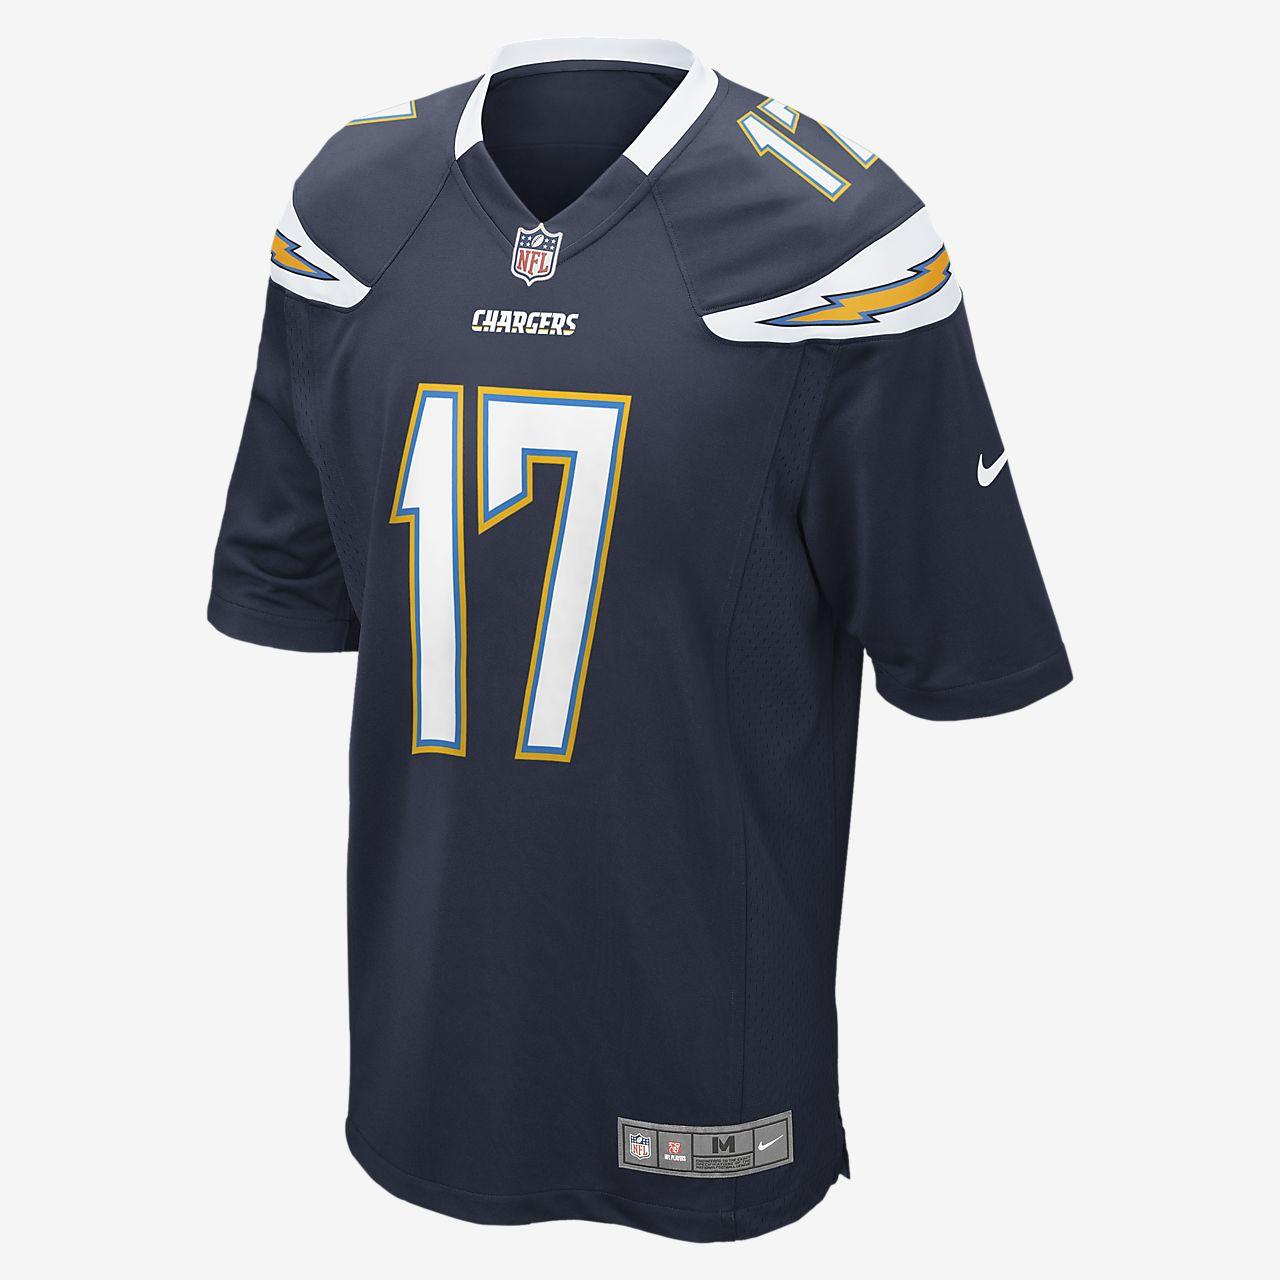 NFL Los Angeles Chargers (Philip Rivers) Camiseta de fútbol americano de la  1ª equipación 949e0fde9584c